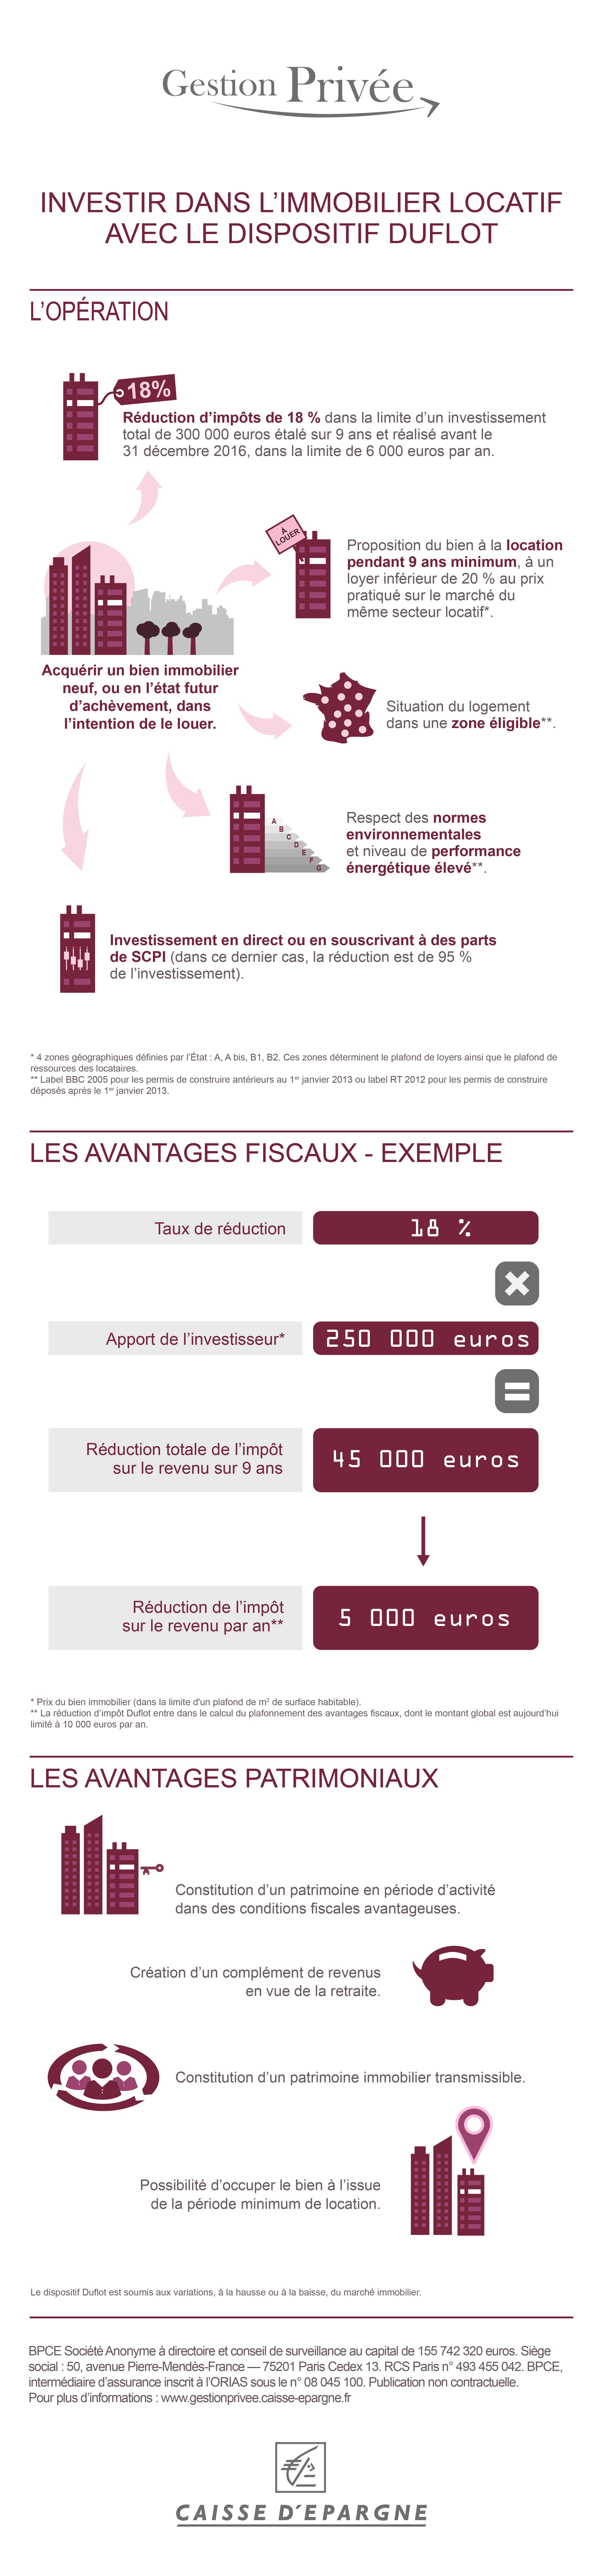 caisseEpargne_infographie_Duflot-01